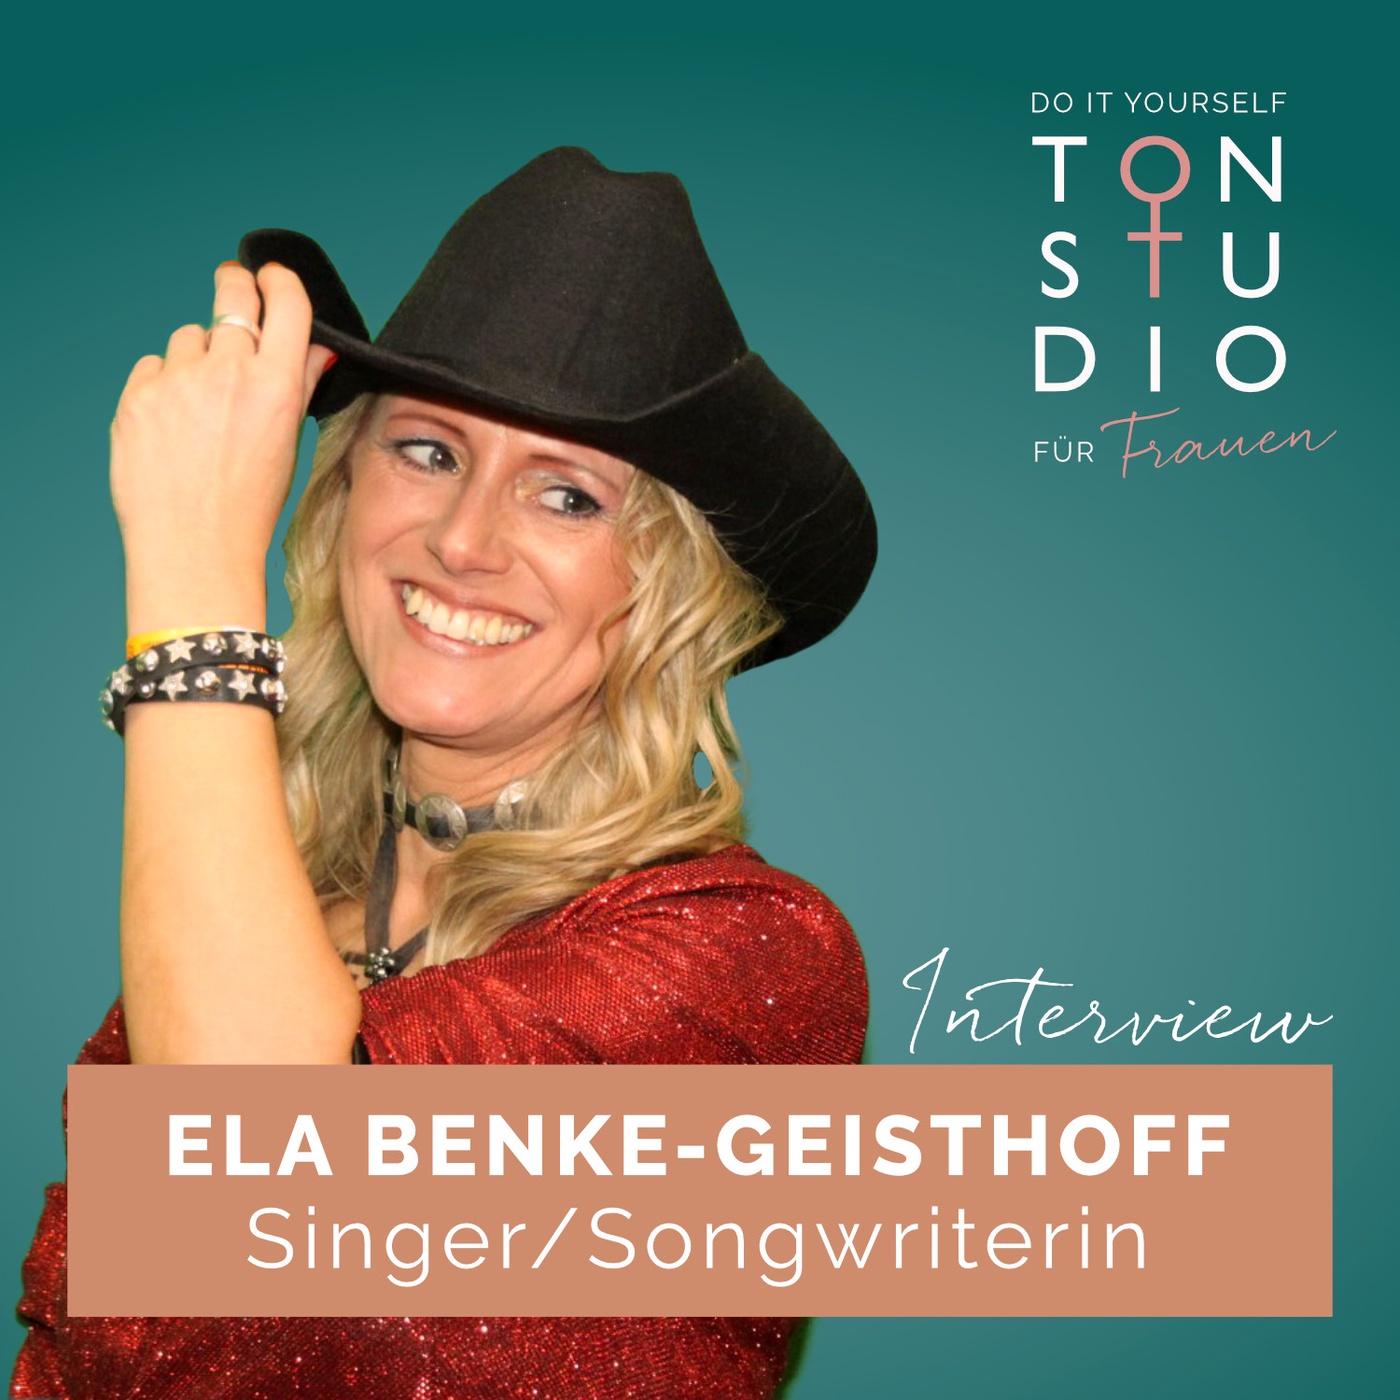 Vom Technik-Fragezeichen bis zur ersten eigenen Single (in nur wenigen Monaten) | Interview mit Ela Benke-Geisthoff